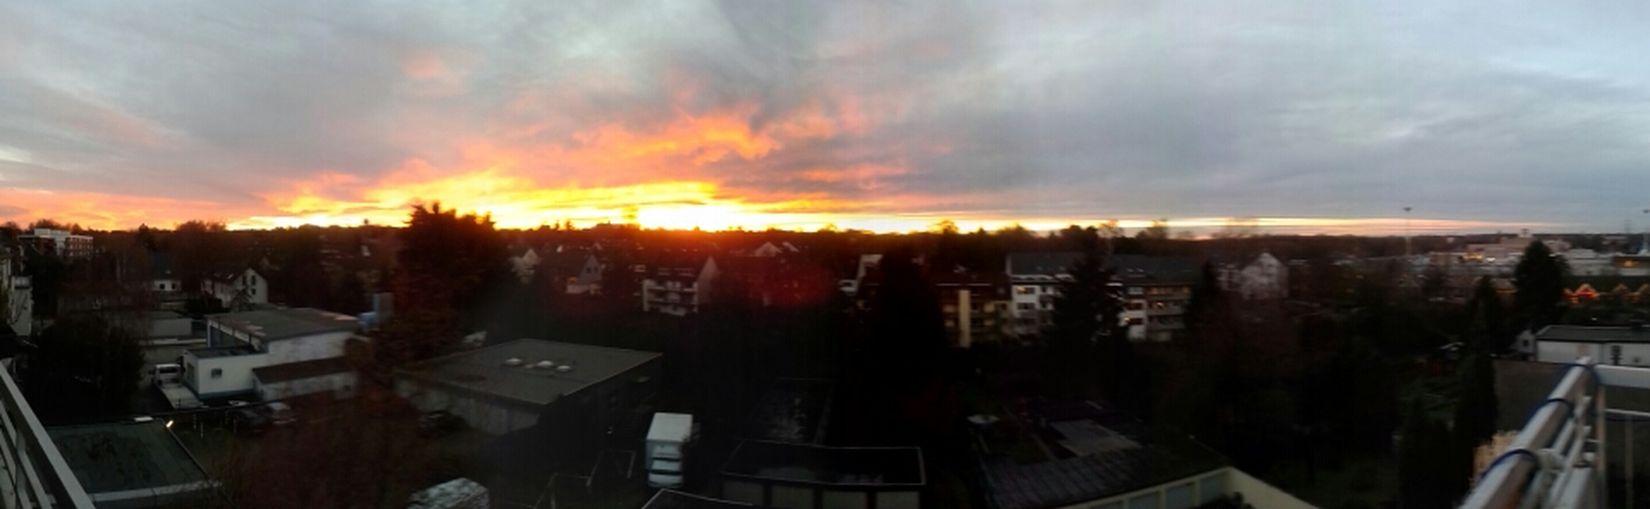 Enjoying The View Panorama